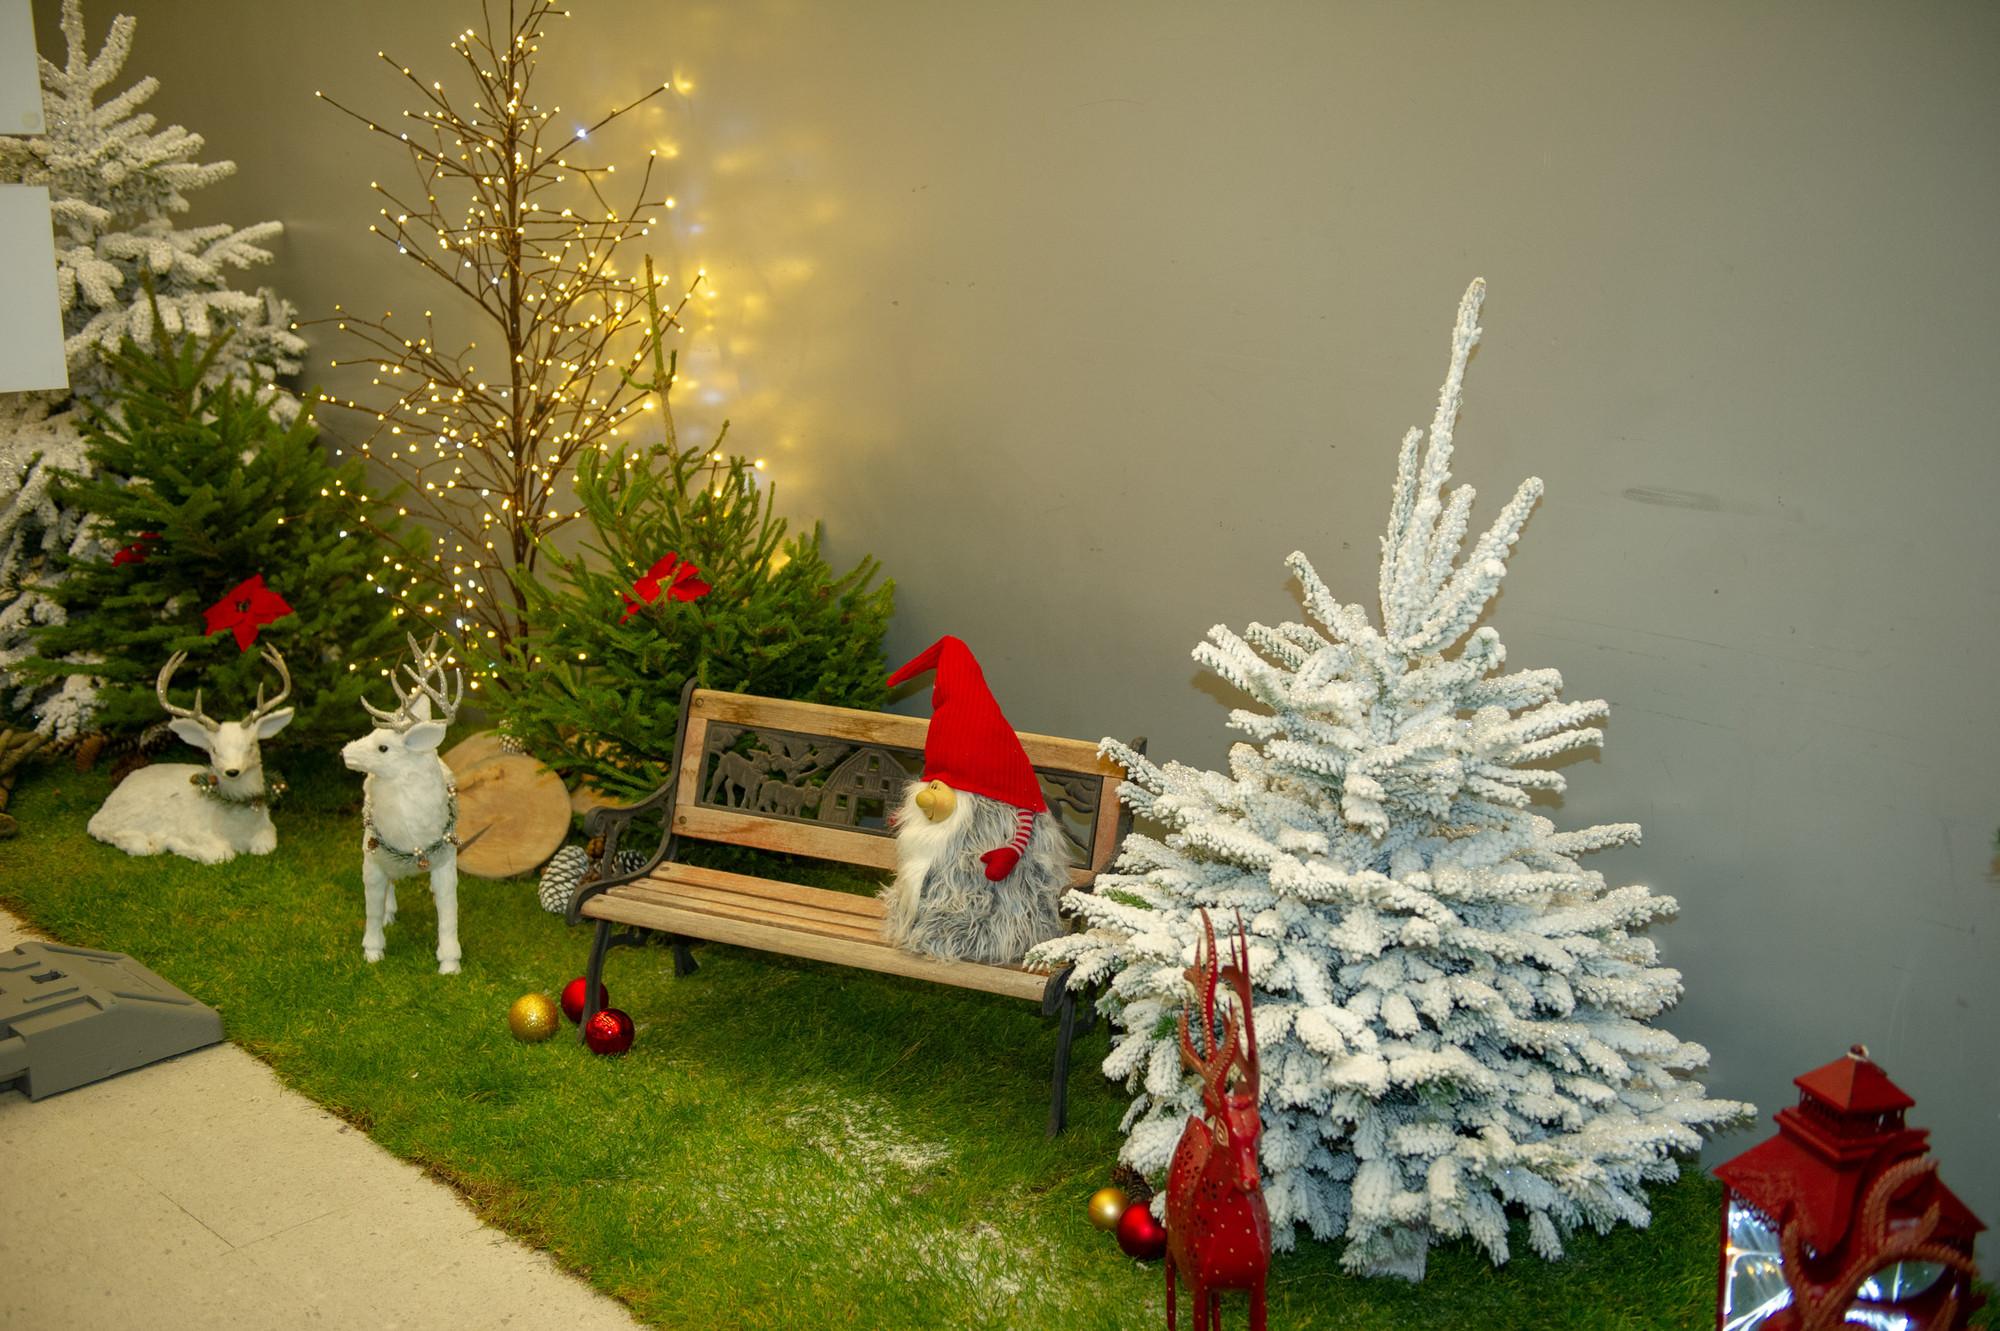 Frohe Weihnachten Schweiz.Frohe Weihnachten Und Ein Glückliches Neues Jahr Steve Guerdat